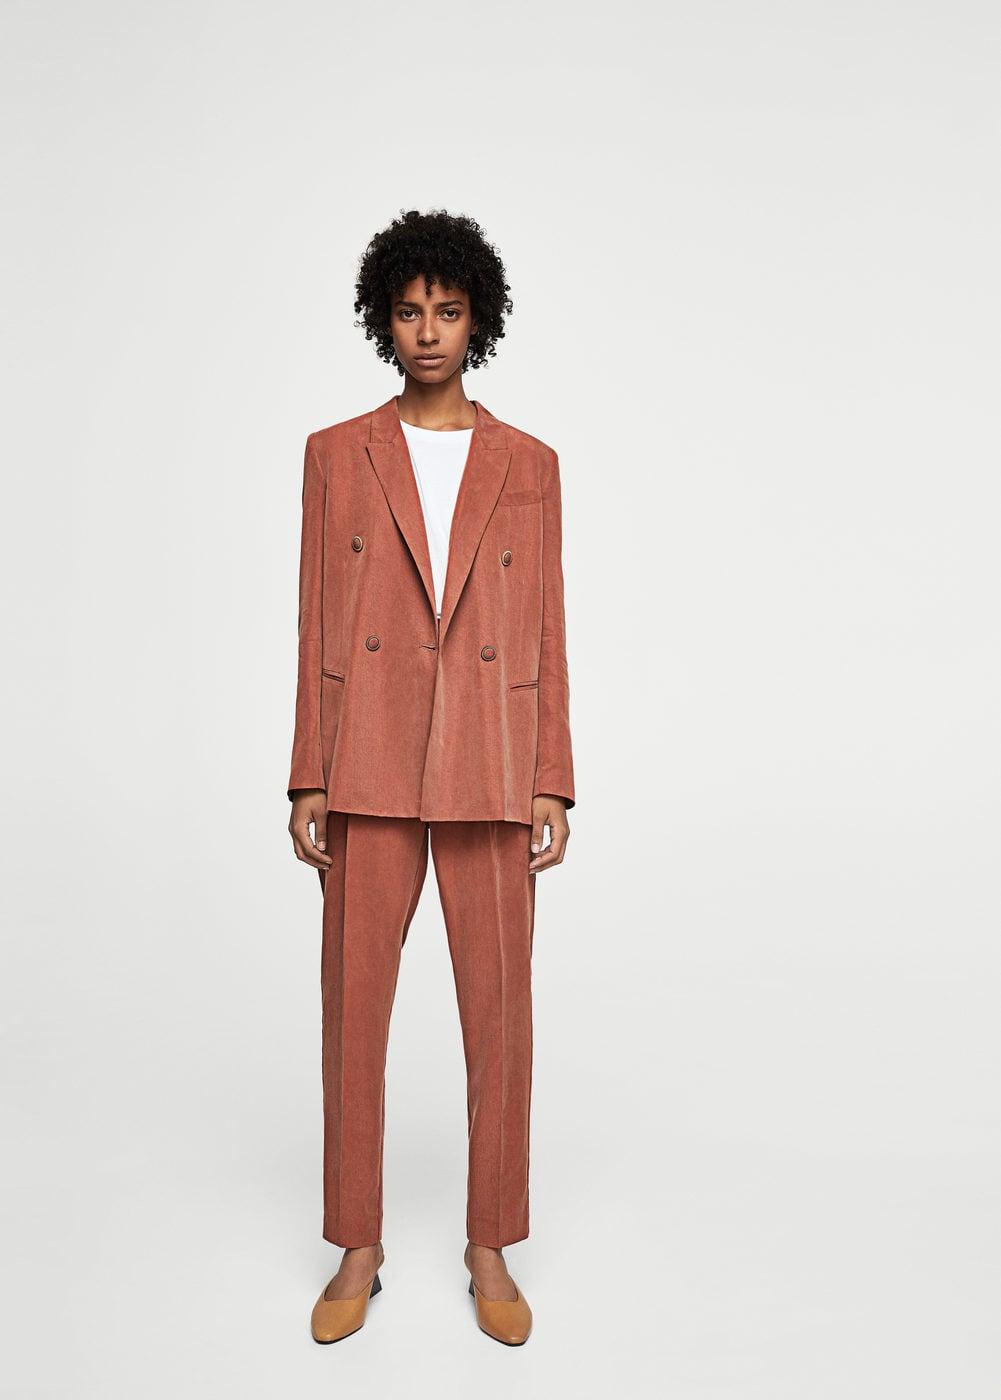 Tendenze moda autunno inverno 2017-2018, il tailleur pantalone, foto e prezzi